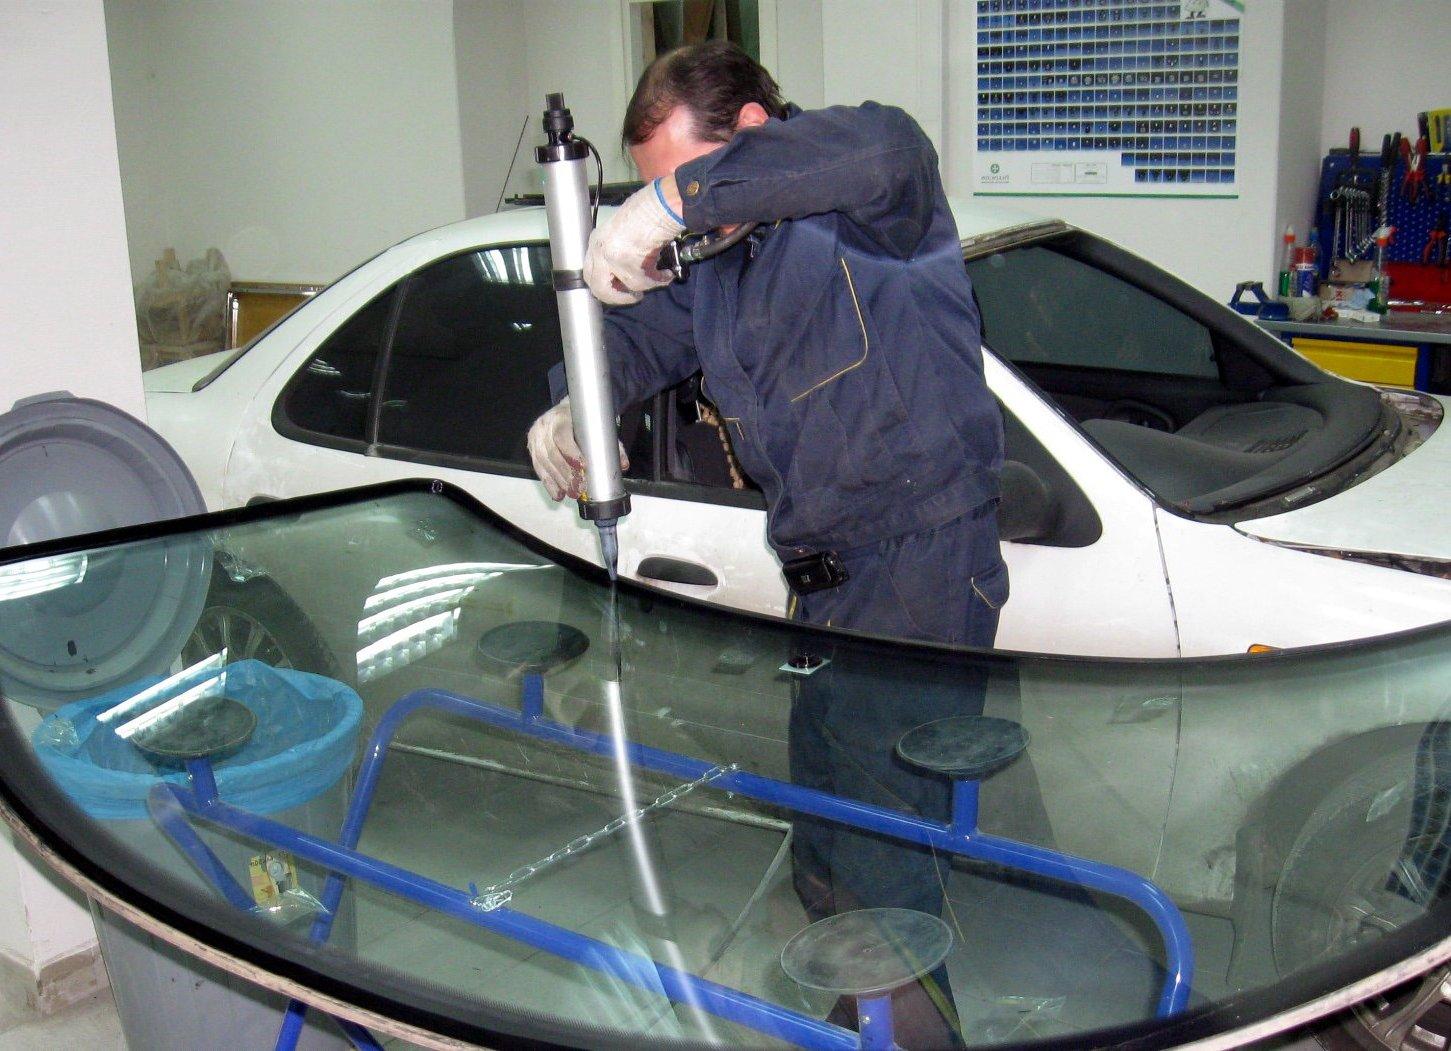 установка автостекла после продажи